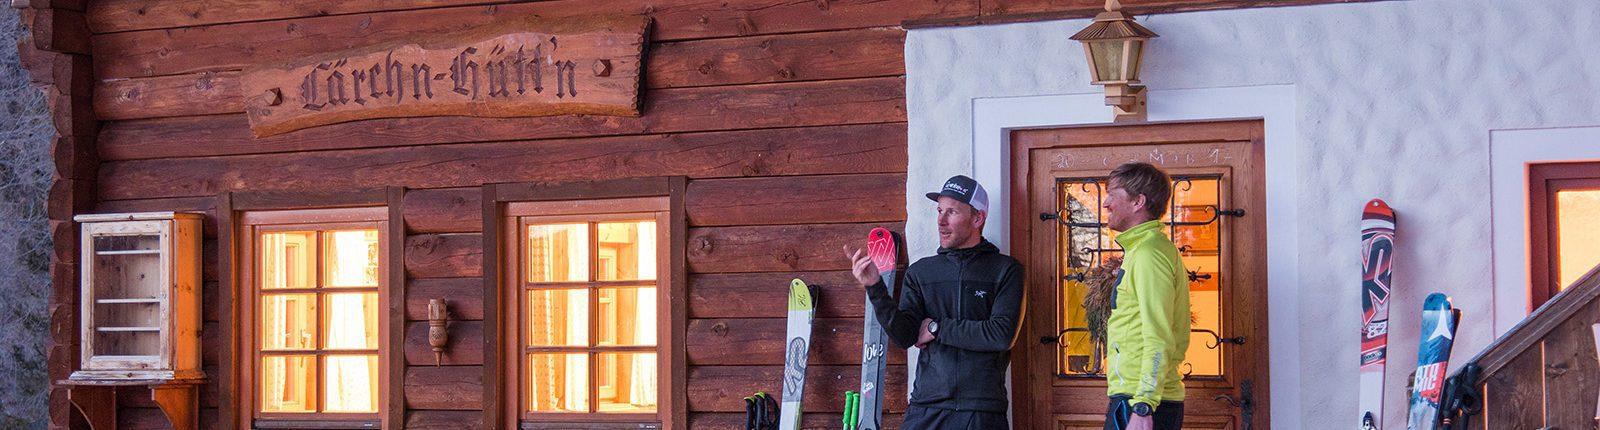 Skitourengeher vor der Lärchn-Hüttn auf der Nockberge-Trail Skidurchquerung